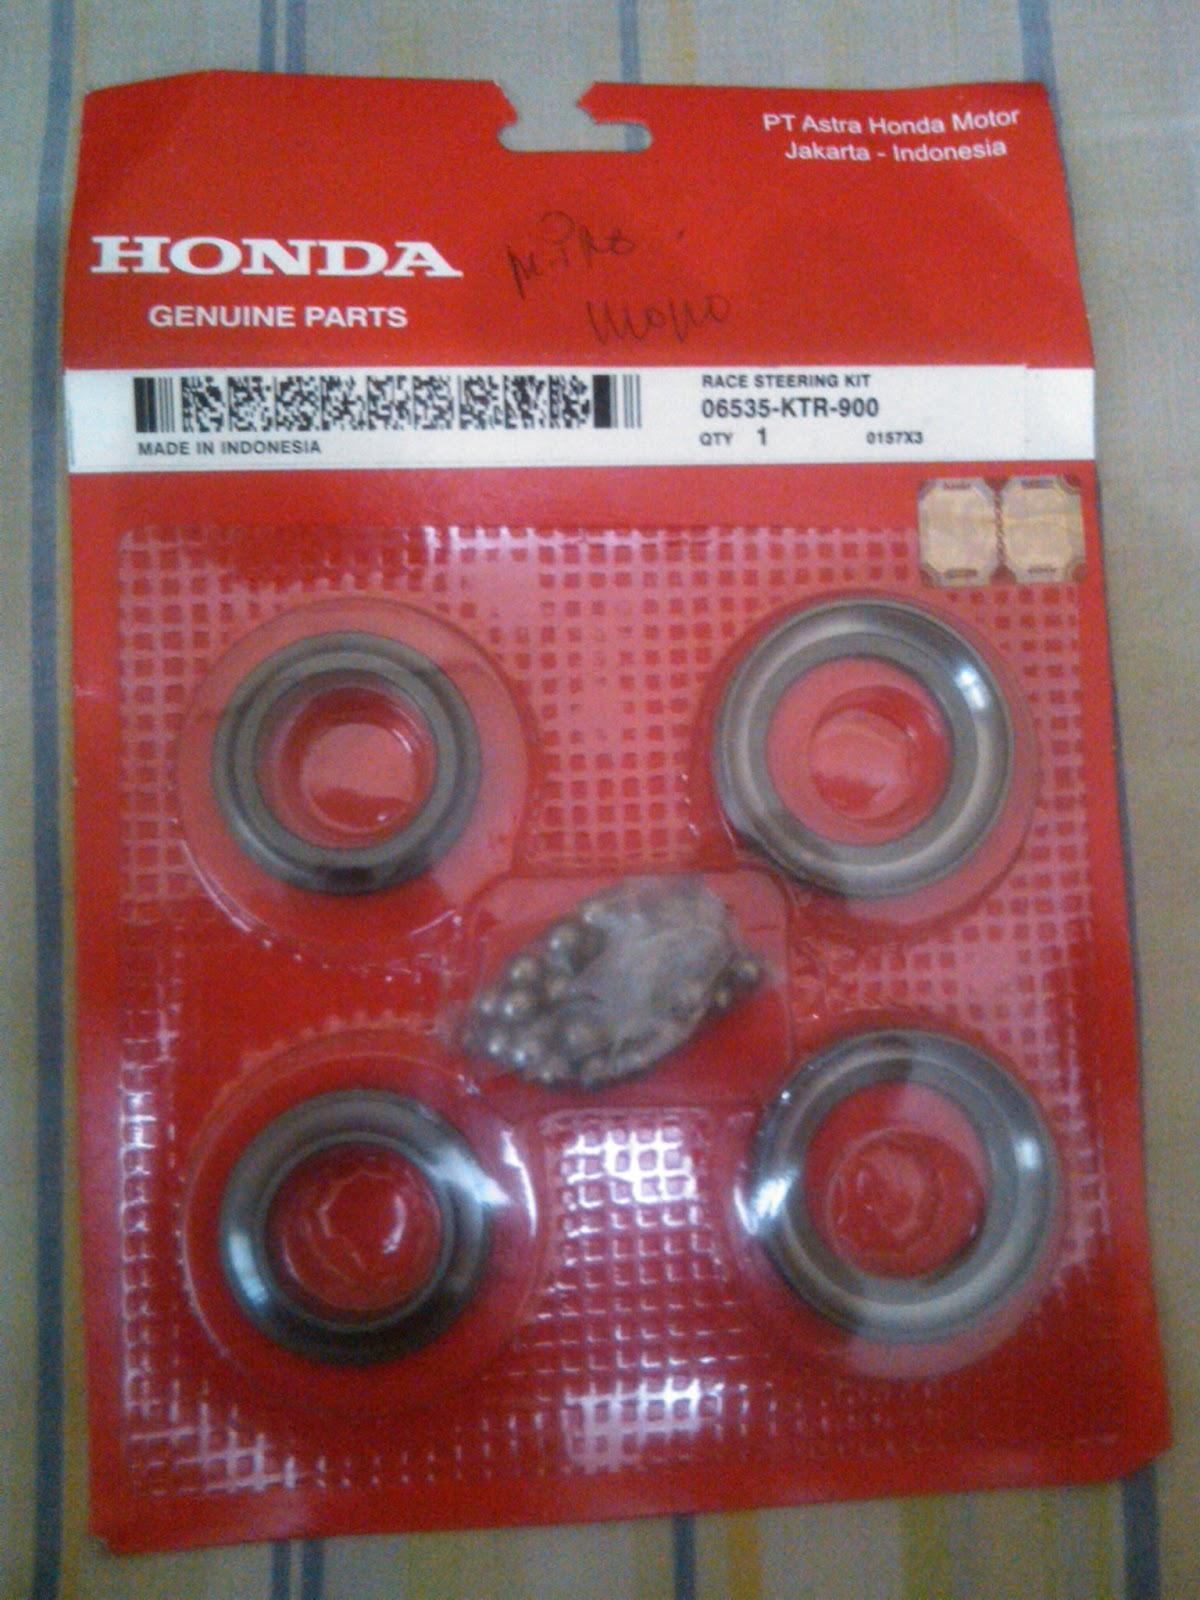 Bangjoru Komstir Motor Honda Bisa Saling Substitusi Ninja 250r Comstir Batangan Terbaru Under 250cc Ktr